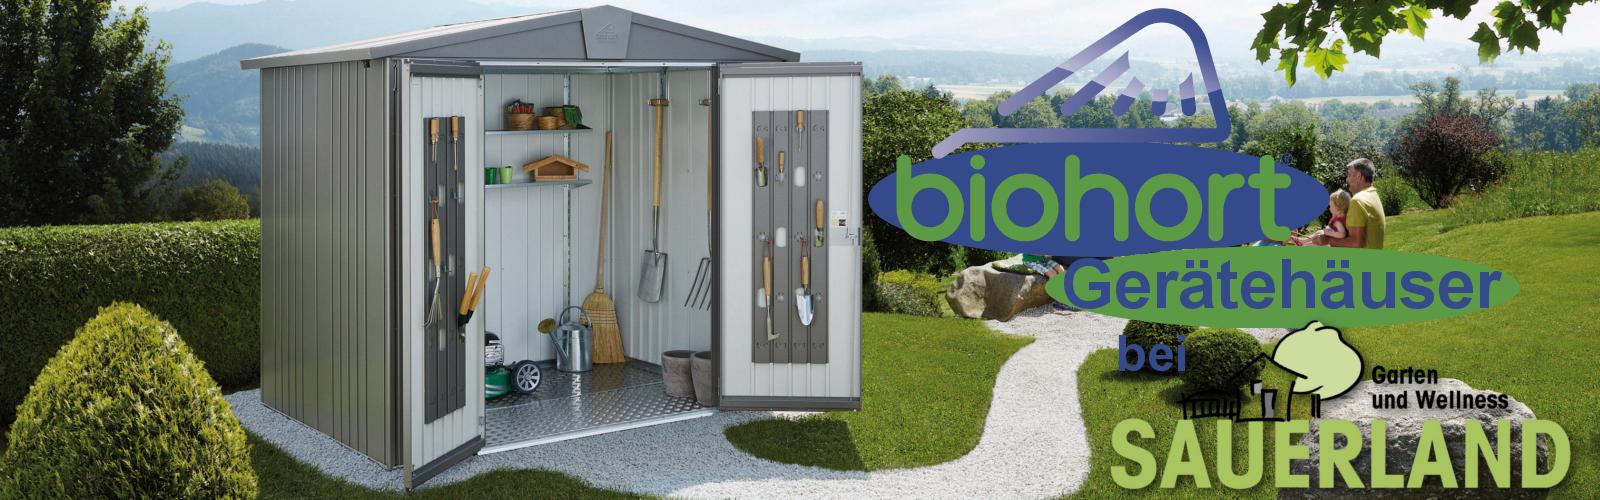 Biohort Gerätehäuser